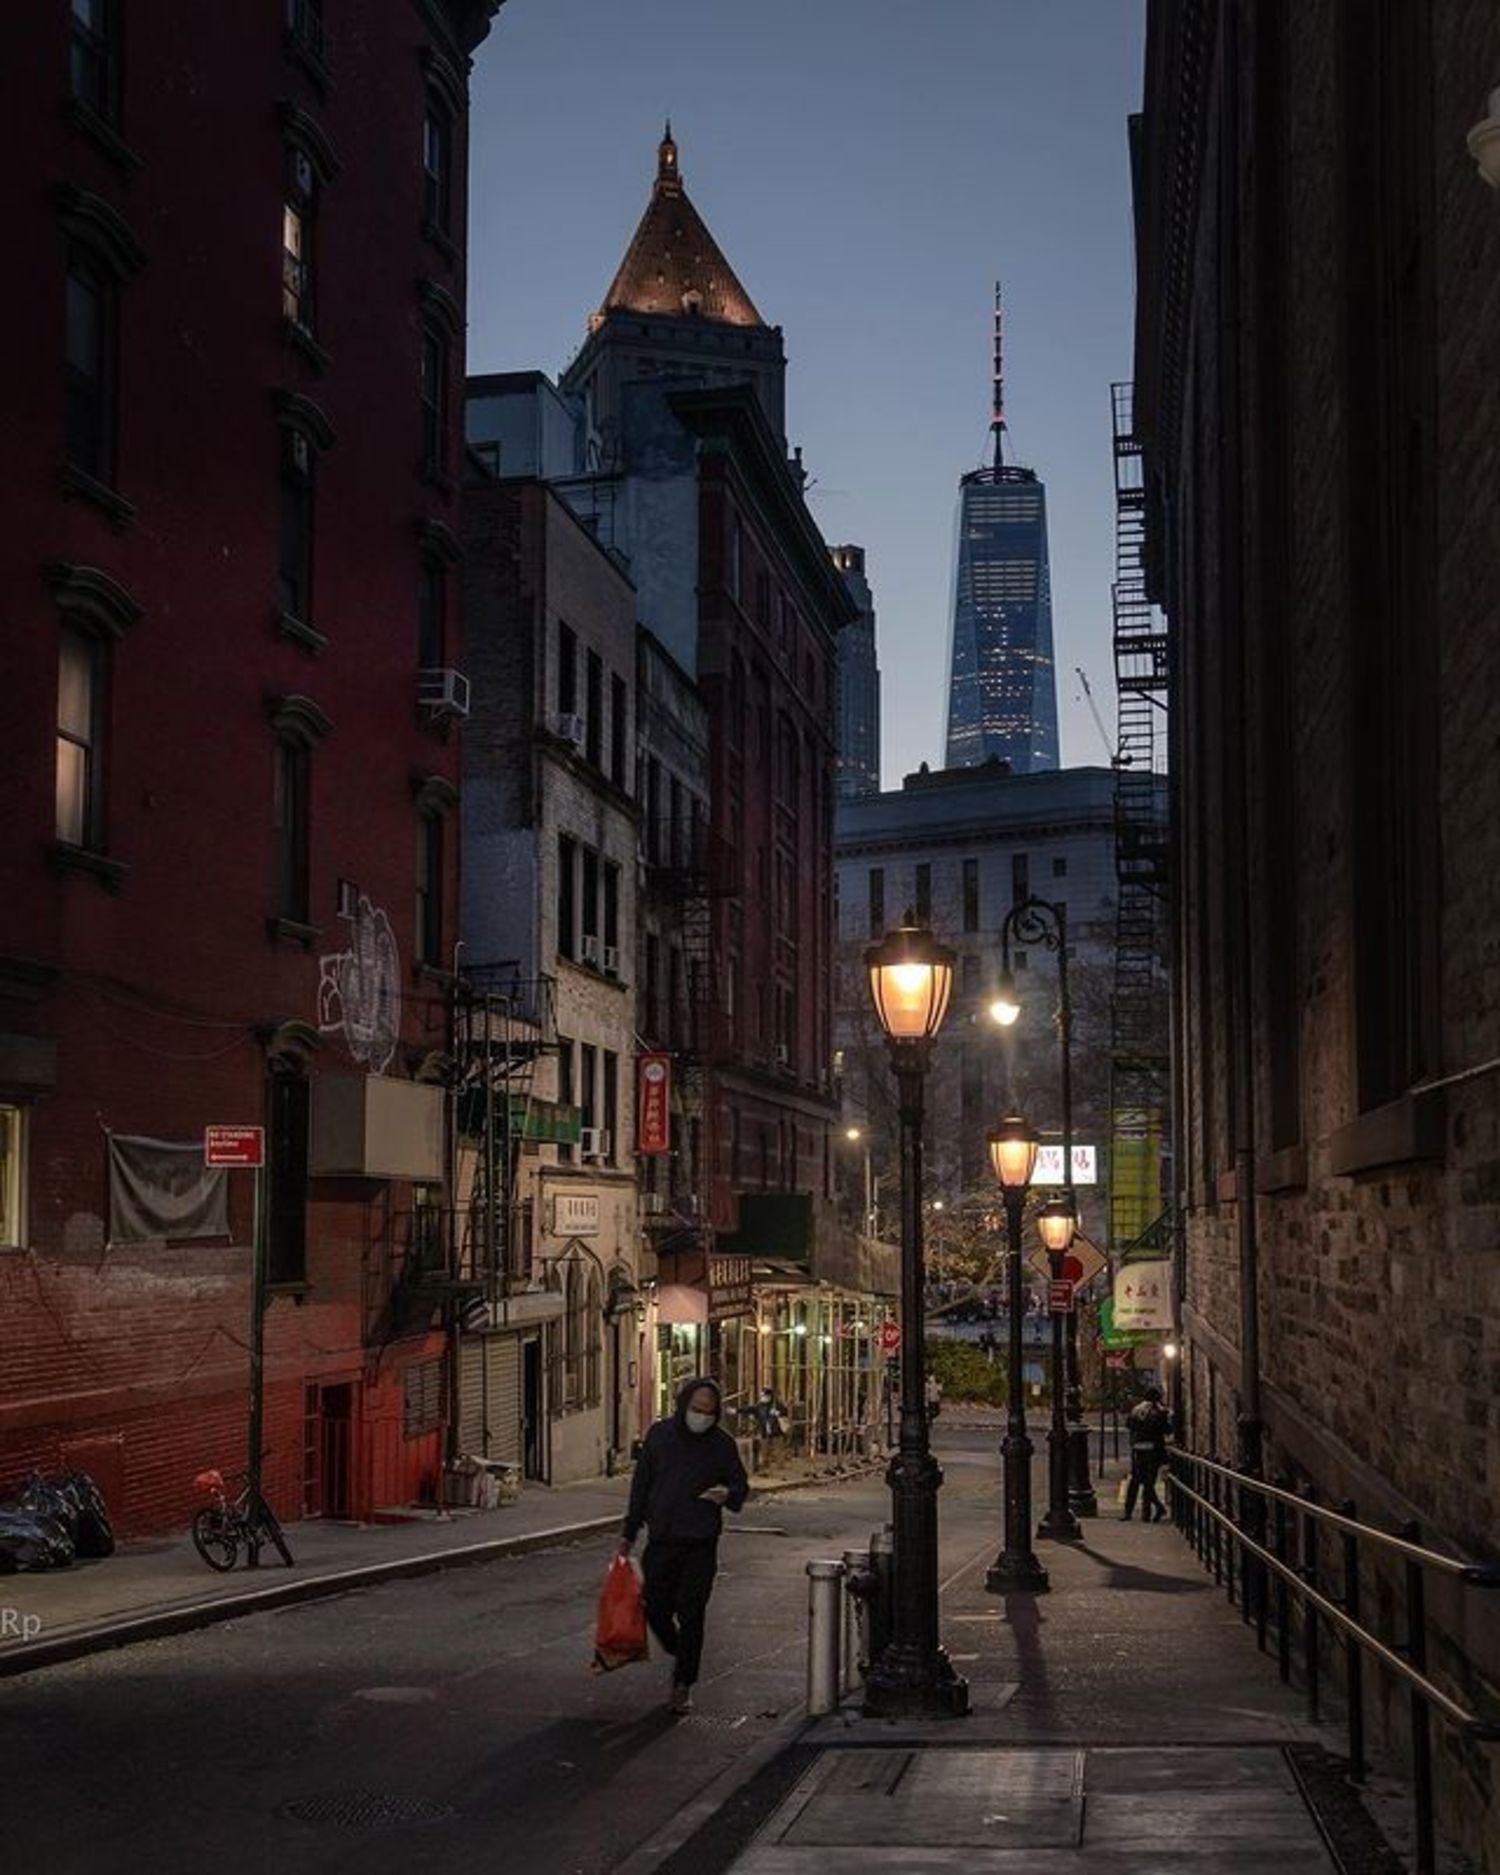 Mosco Street, Chinatown, Manhattan